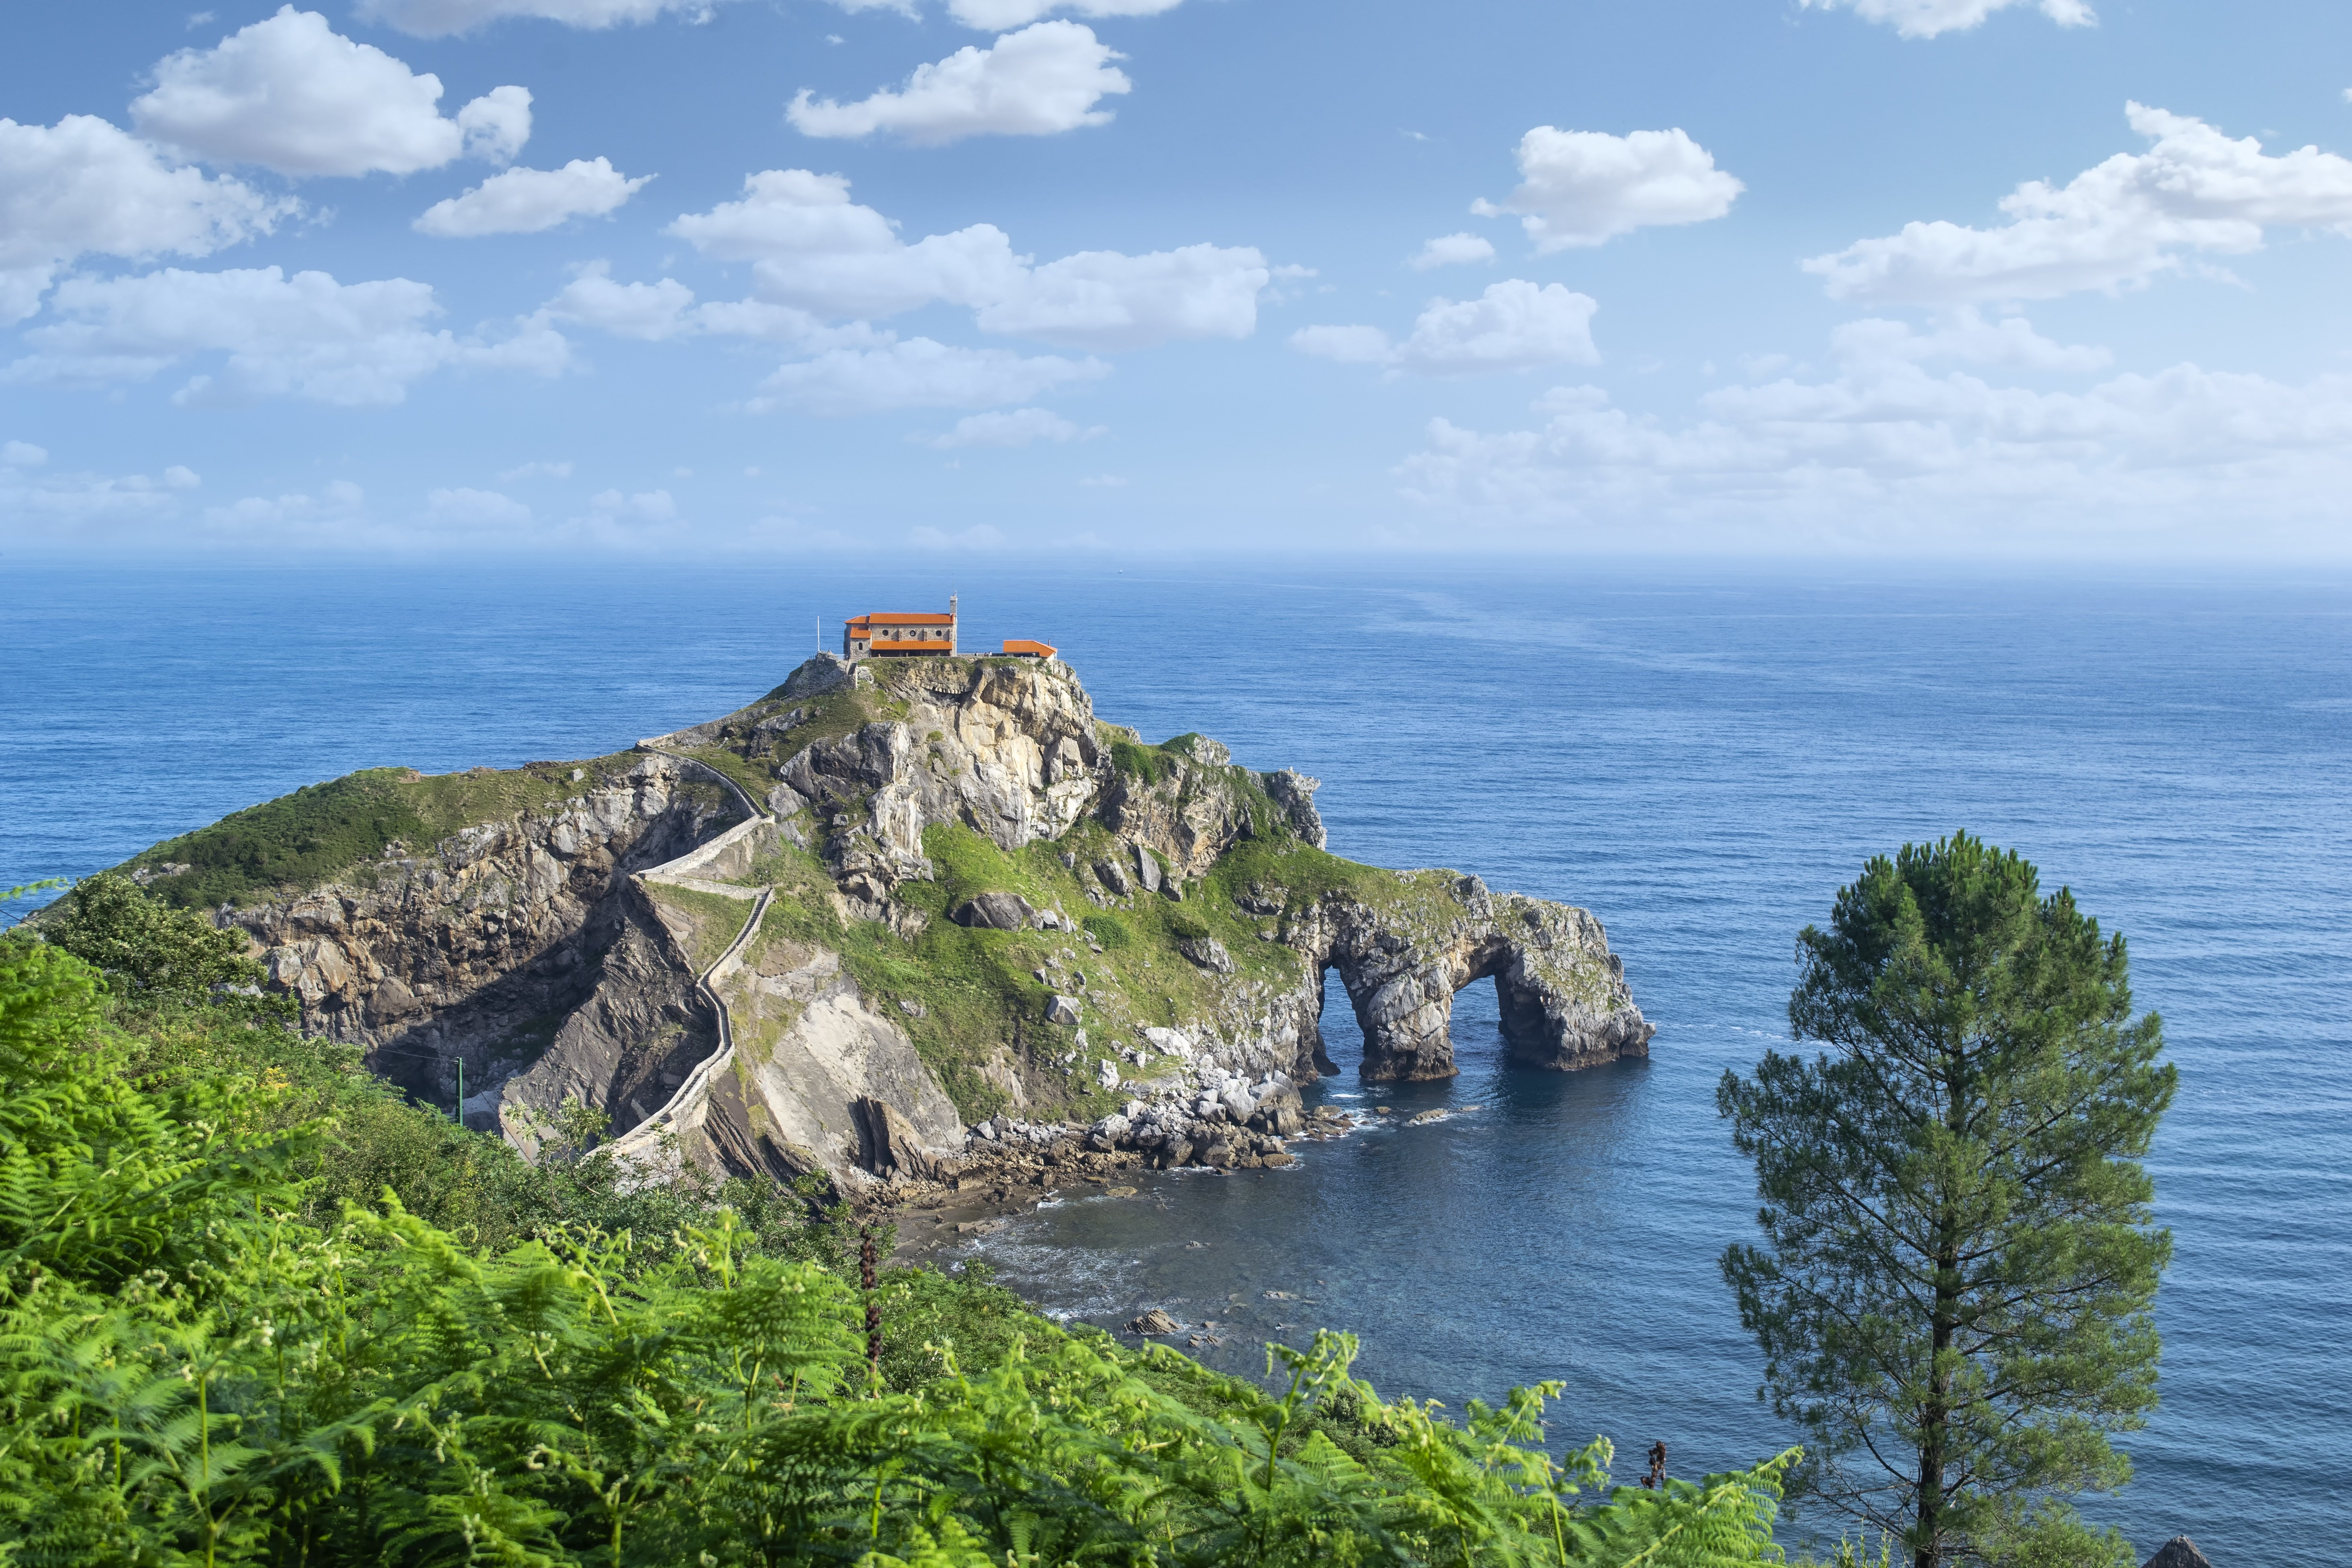 Картинка Испания San Juan de Gaztelugatxe Море скале Природа Остров берег 5853x3902 Утес Скала скалы Побережье